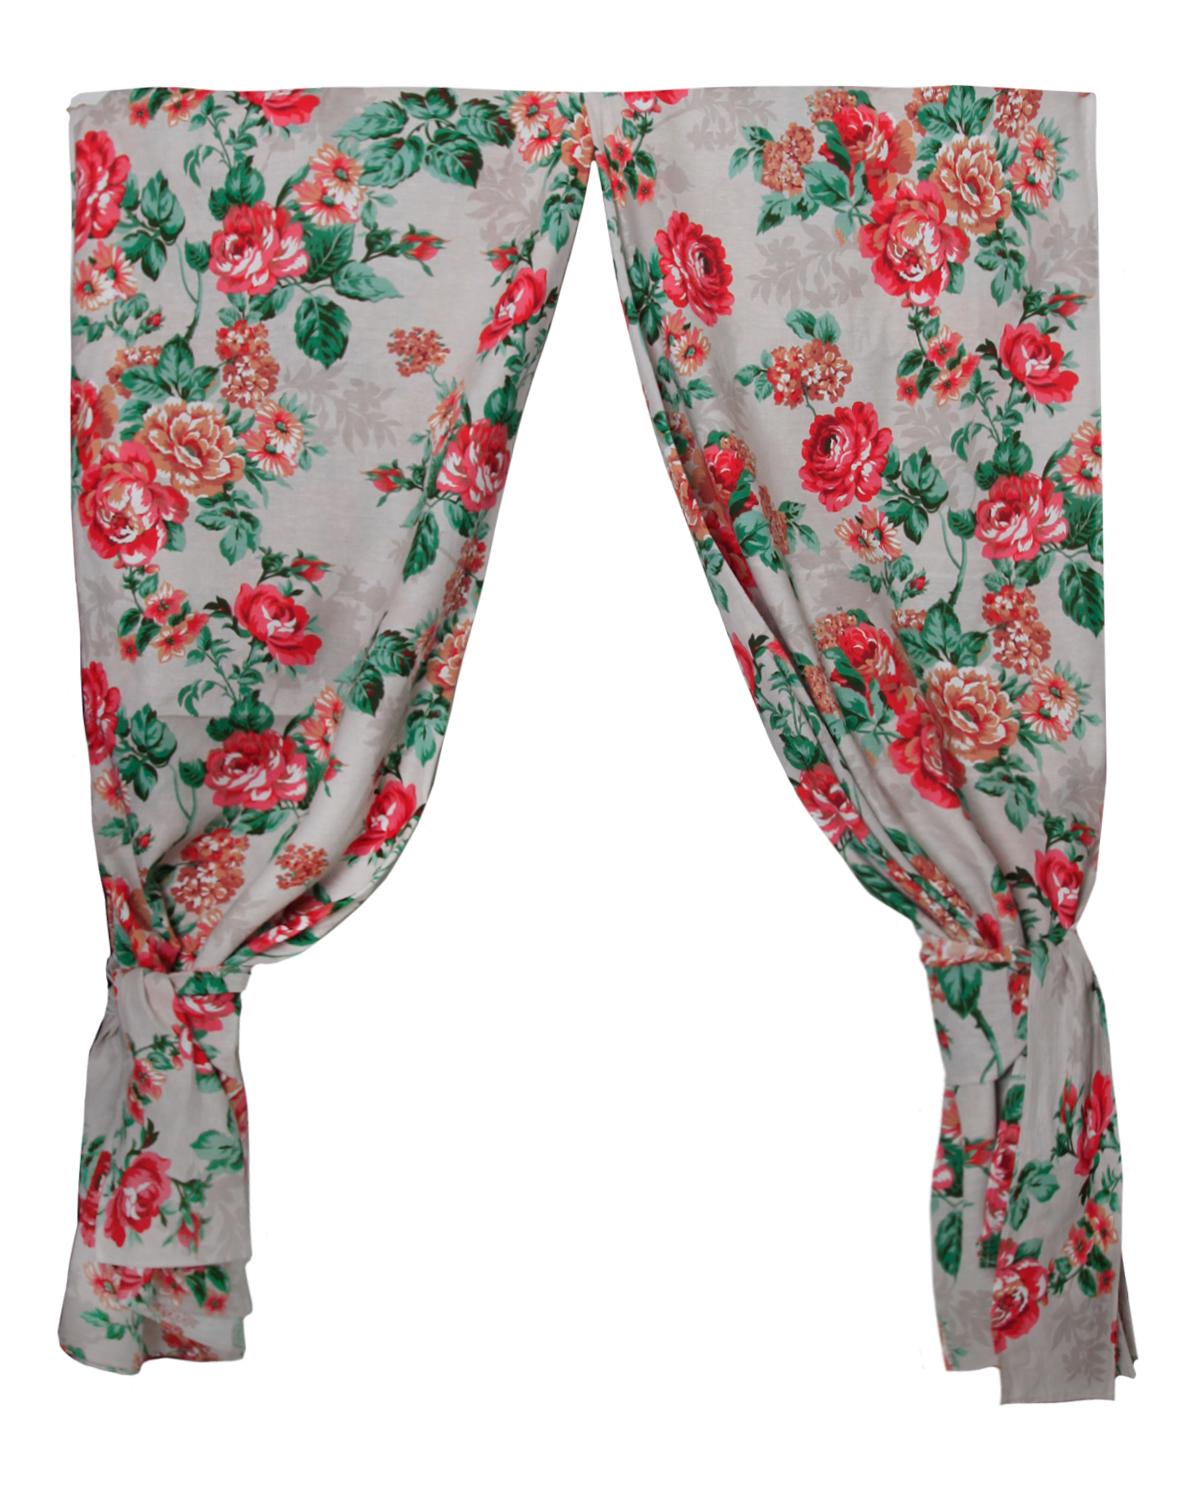 Шторы  Домислава  Красный р. 150х220 - Текстиль для дома артикул: 26798